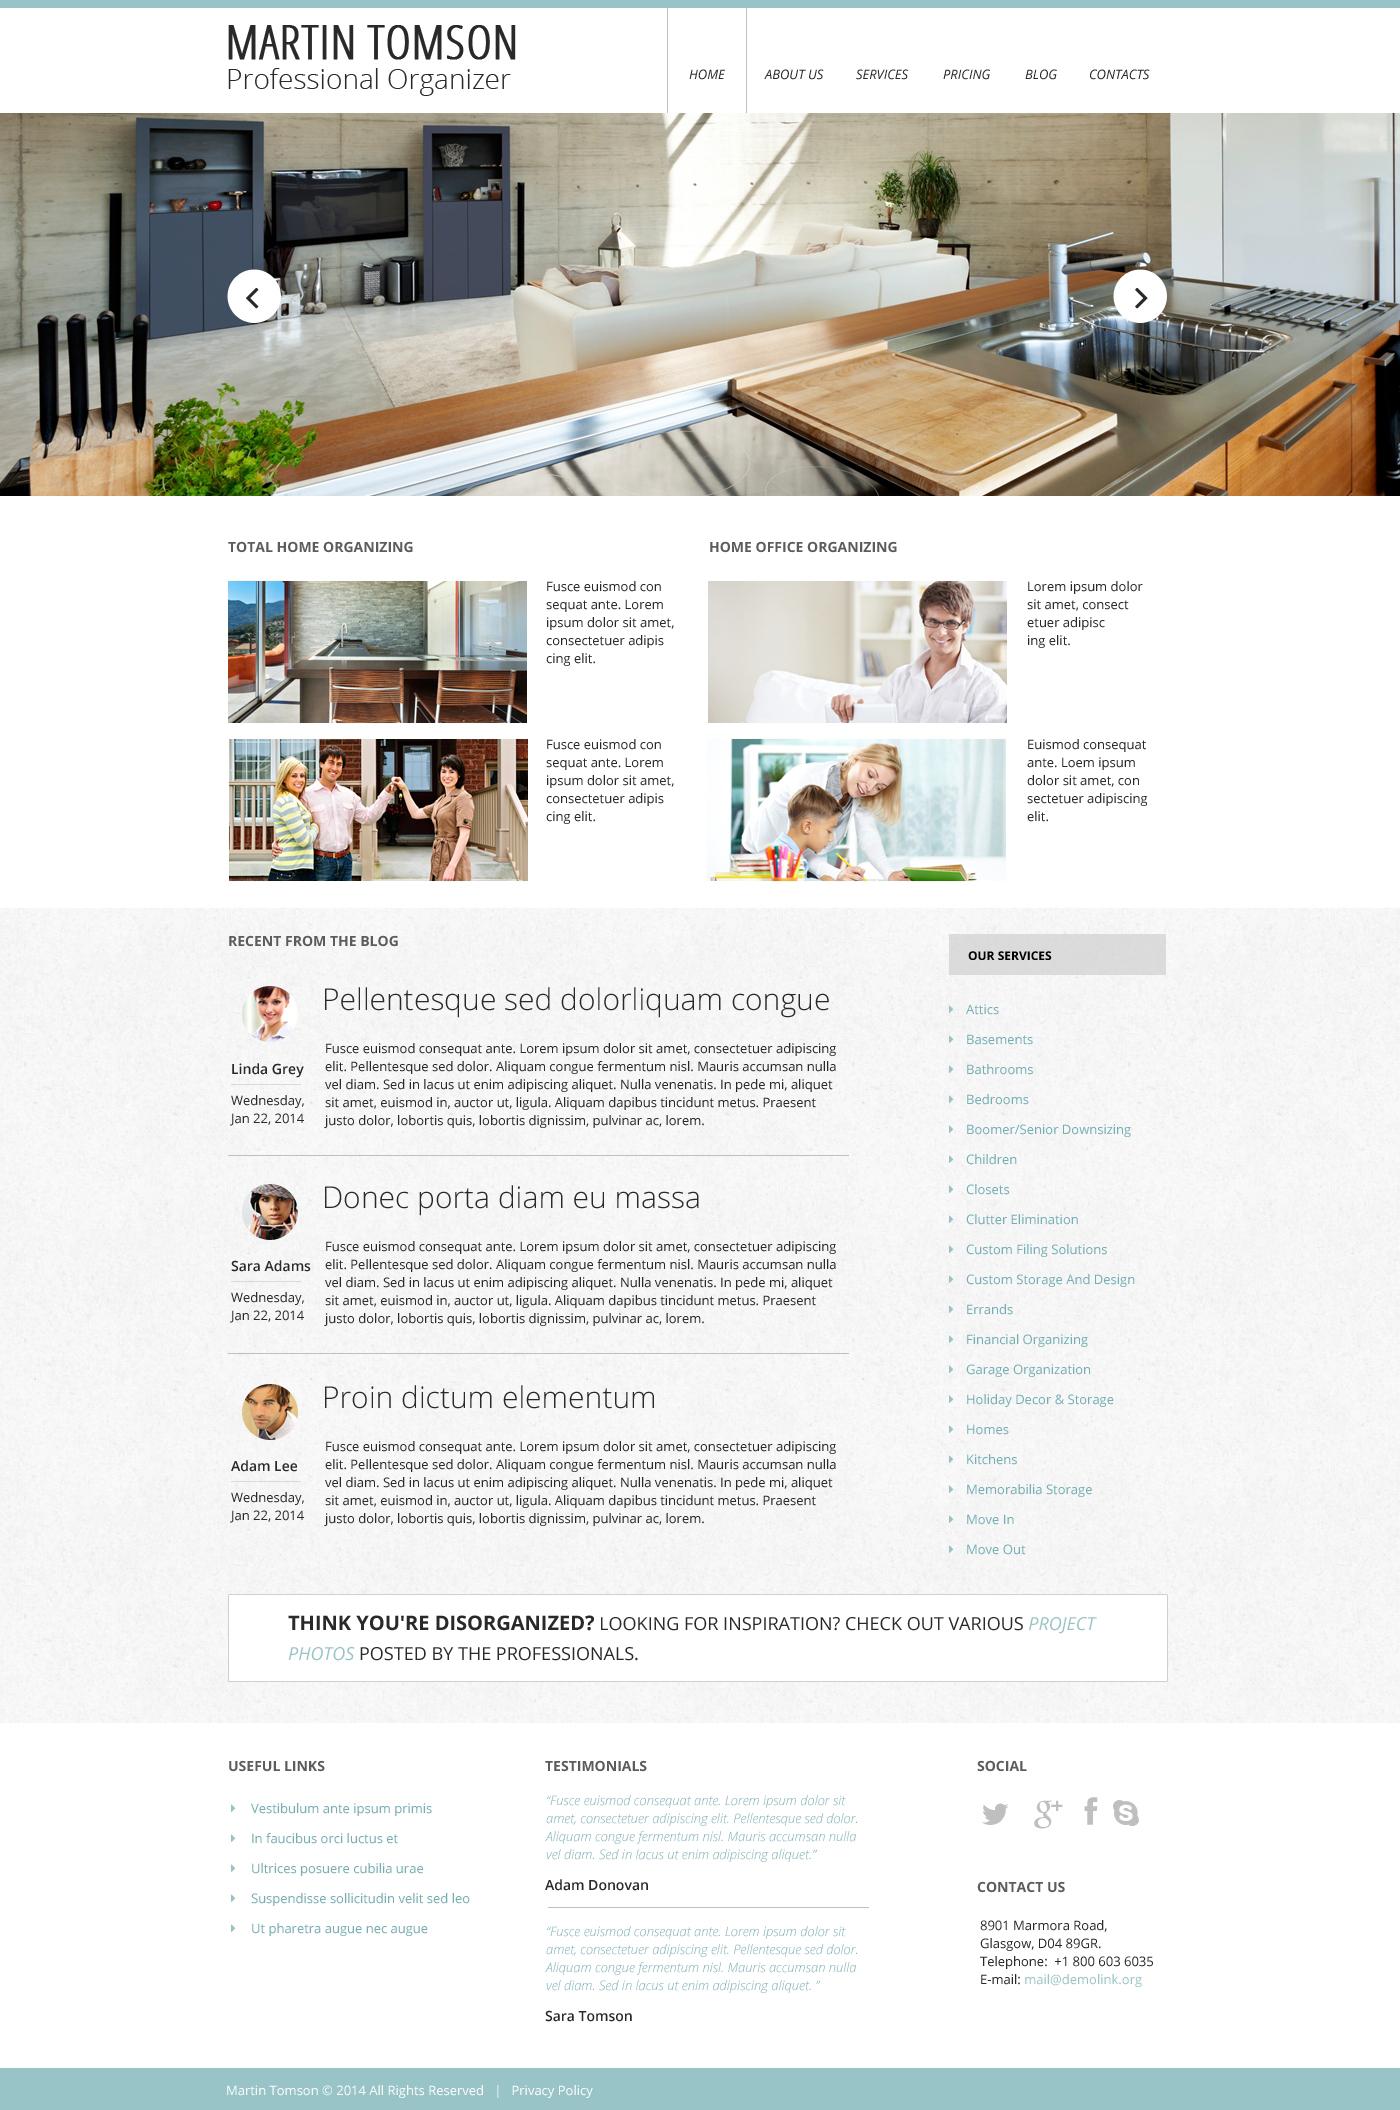 Modèle Web adaptatif pour site de design intérieur #48394 - screenshot